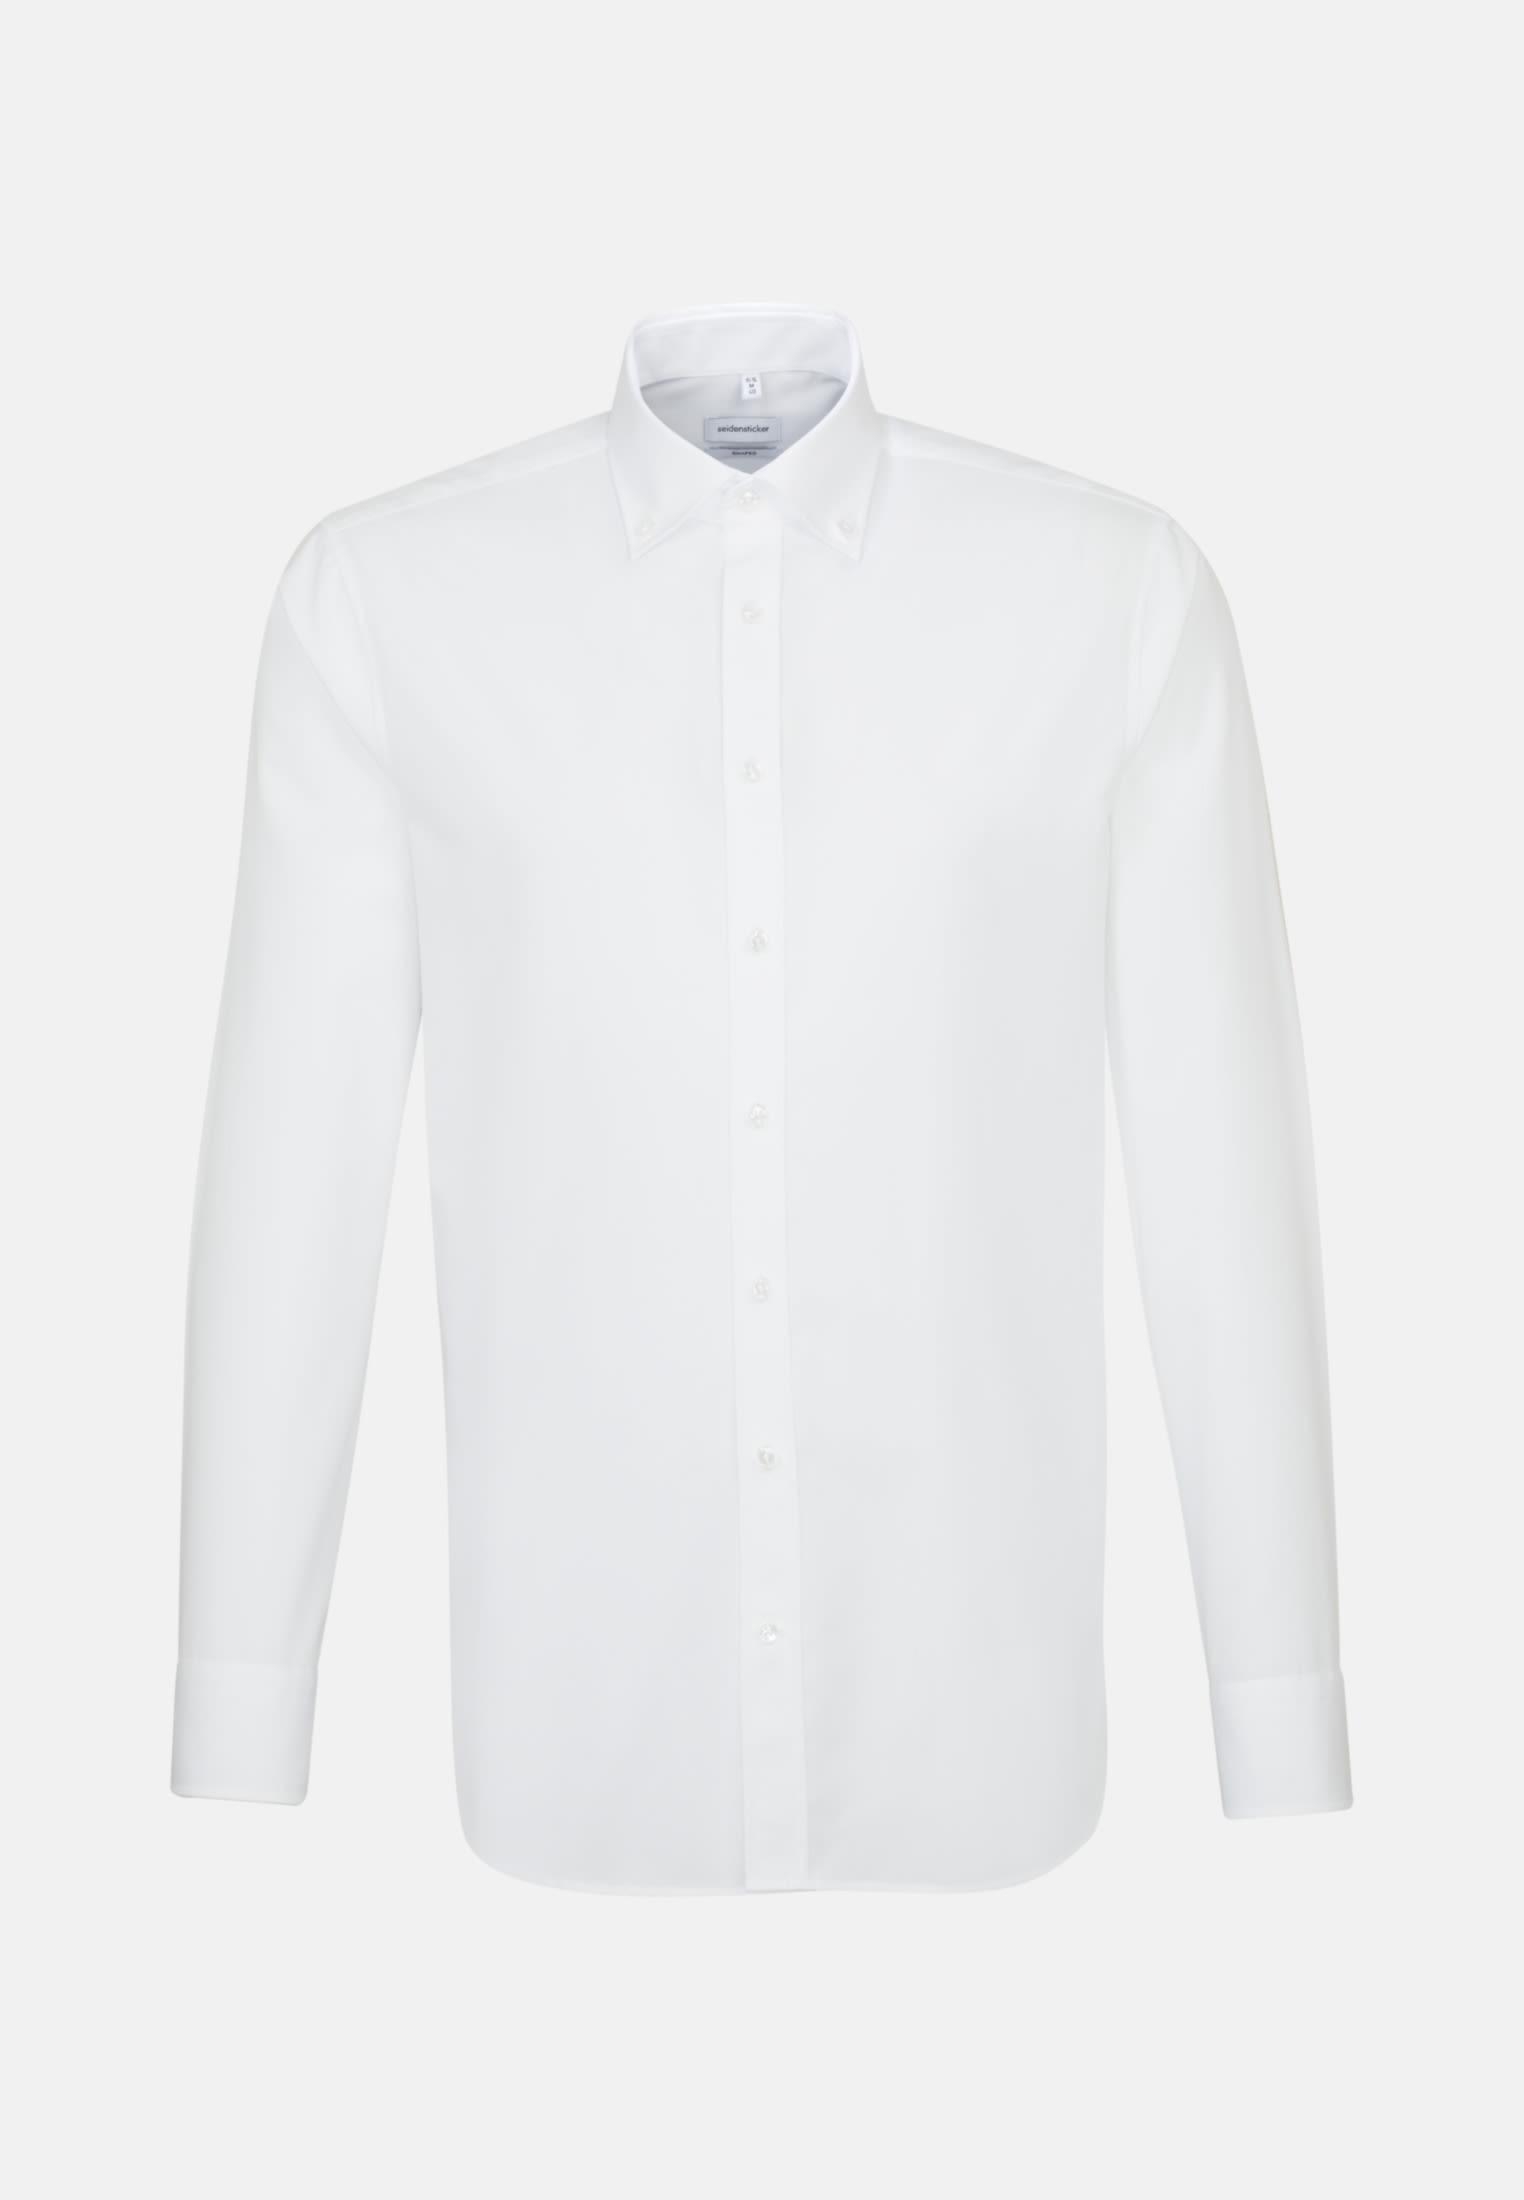 Bügelfreies Popeline Business Hemd in Shaped mit Button-Down-Kragen in Weiß |  Seidensticker Onlineshop